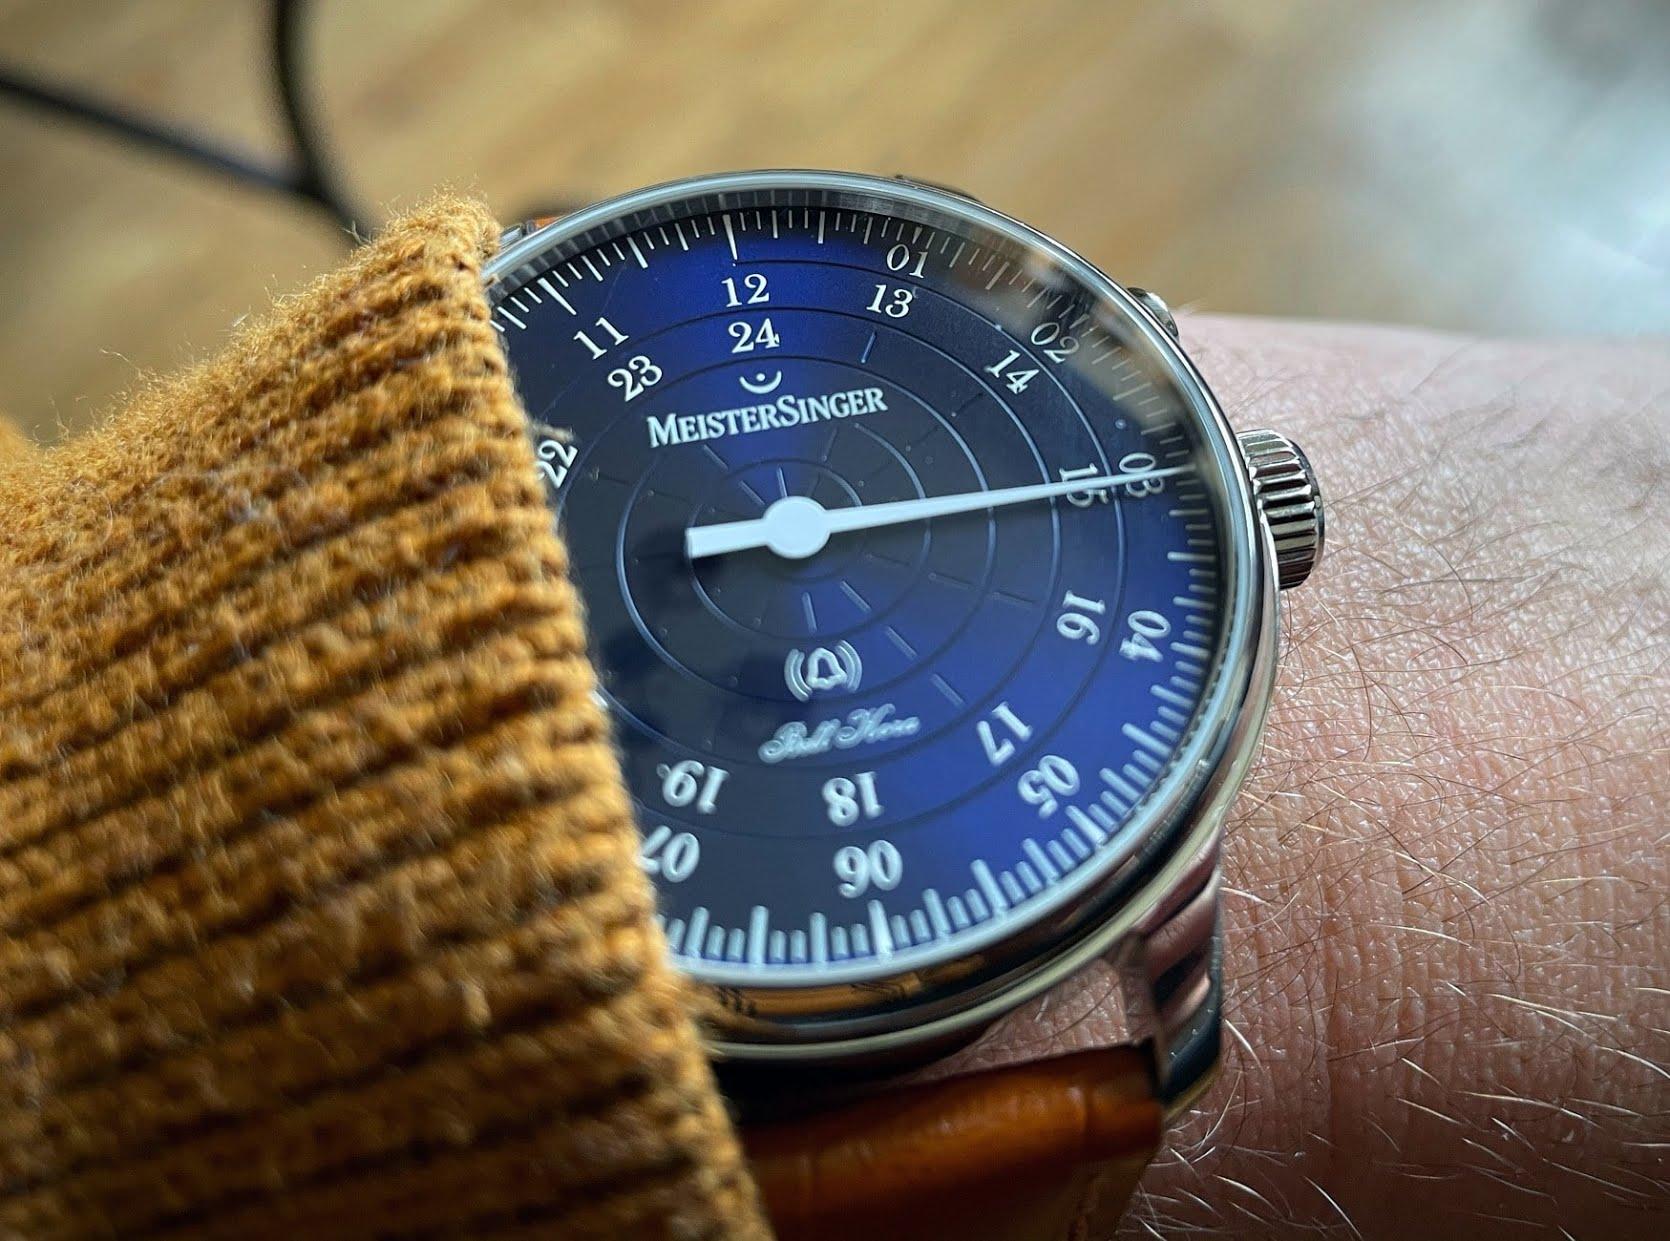 Découverte de la montre MeisterSinger Bell Hora